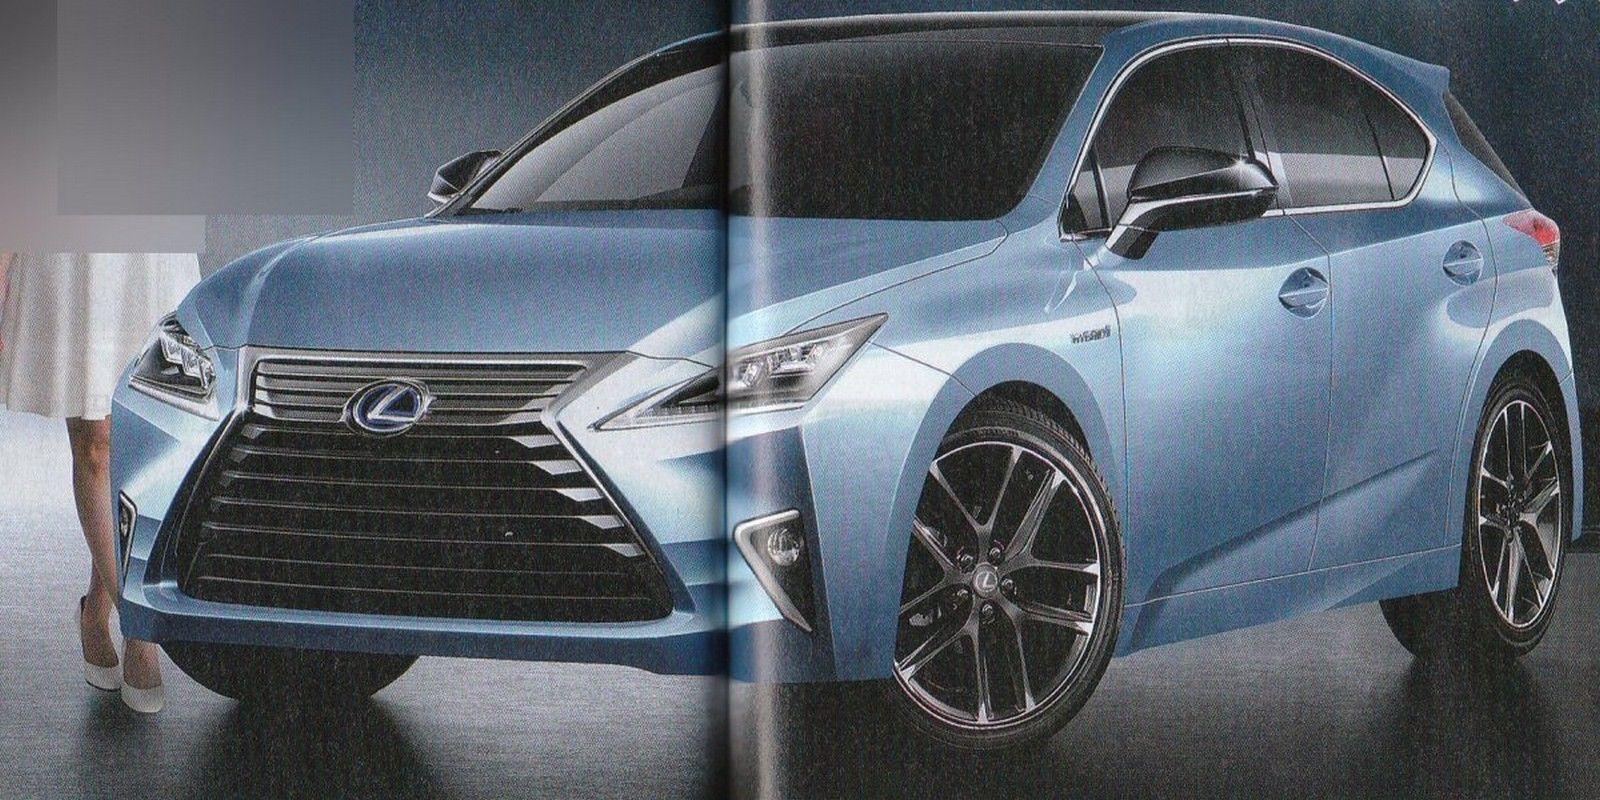 Lexus lx 570http://lexus-vietnam.com.vn/lexus/lx-570/ Lexus GX 460http://lexus-vietnam.com.vn/lexus/gx-460/ Lexus RX 350http://lexus-vietnam.com.vn/lexus/rx-350/